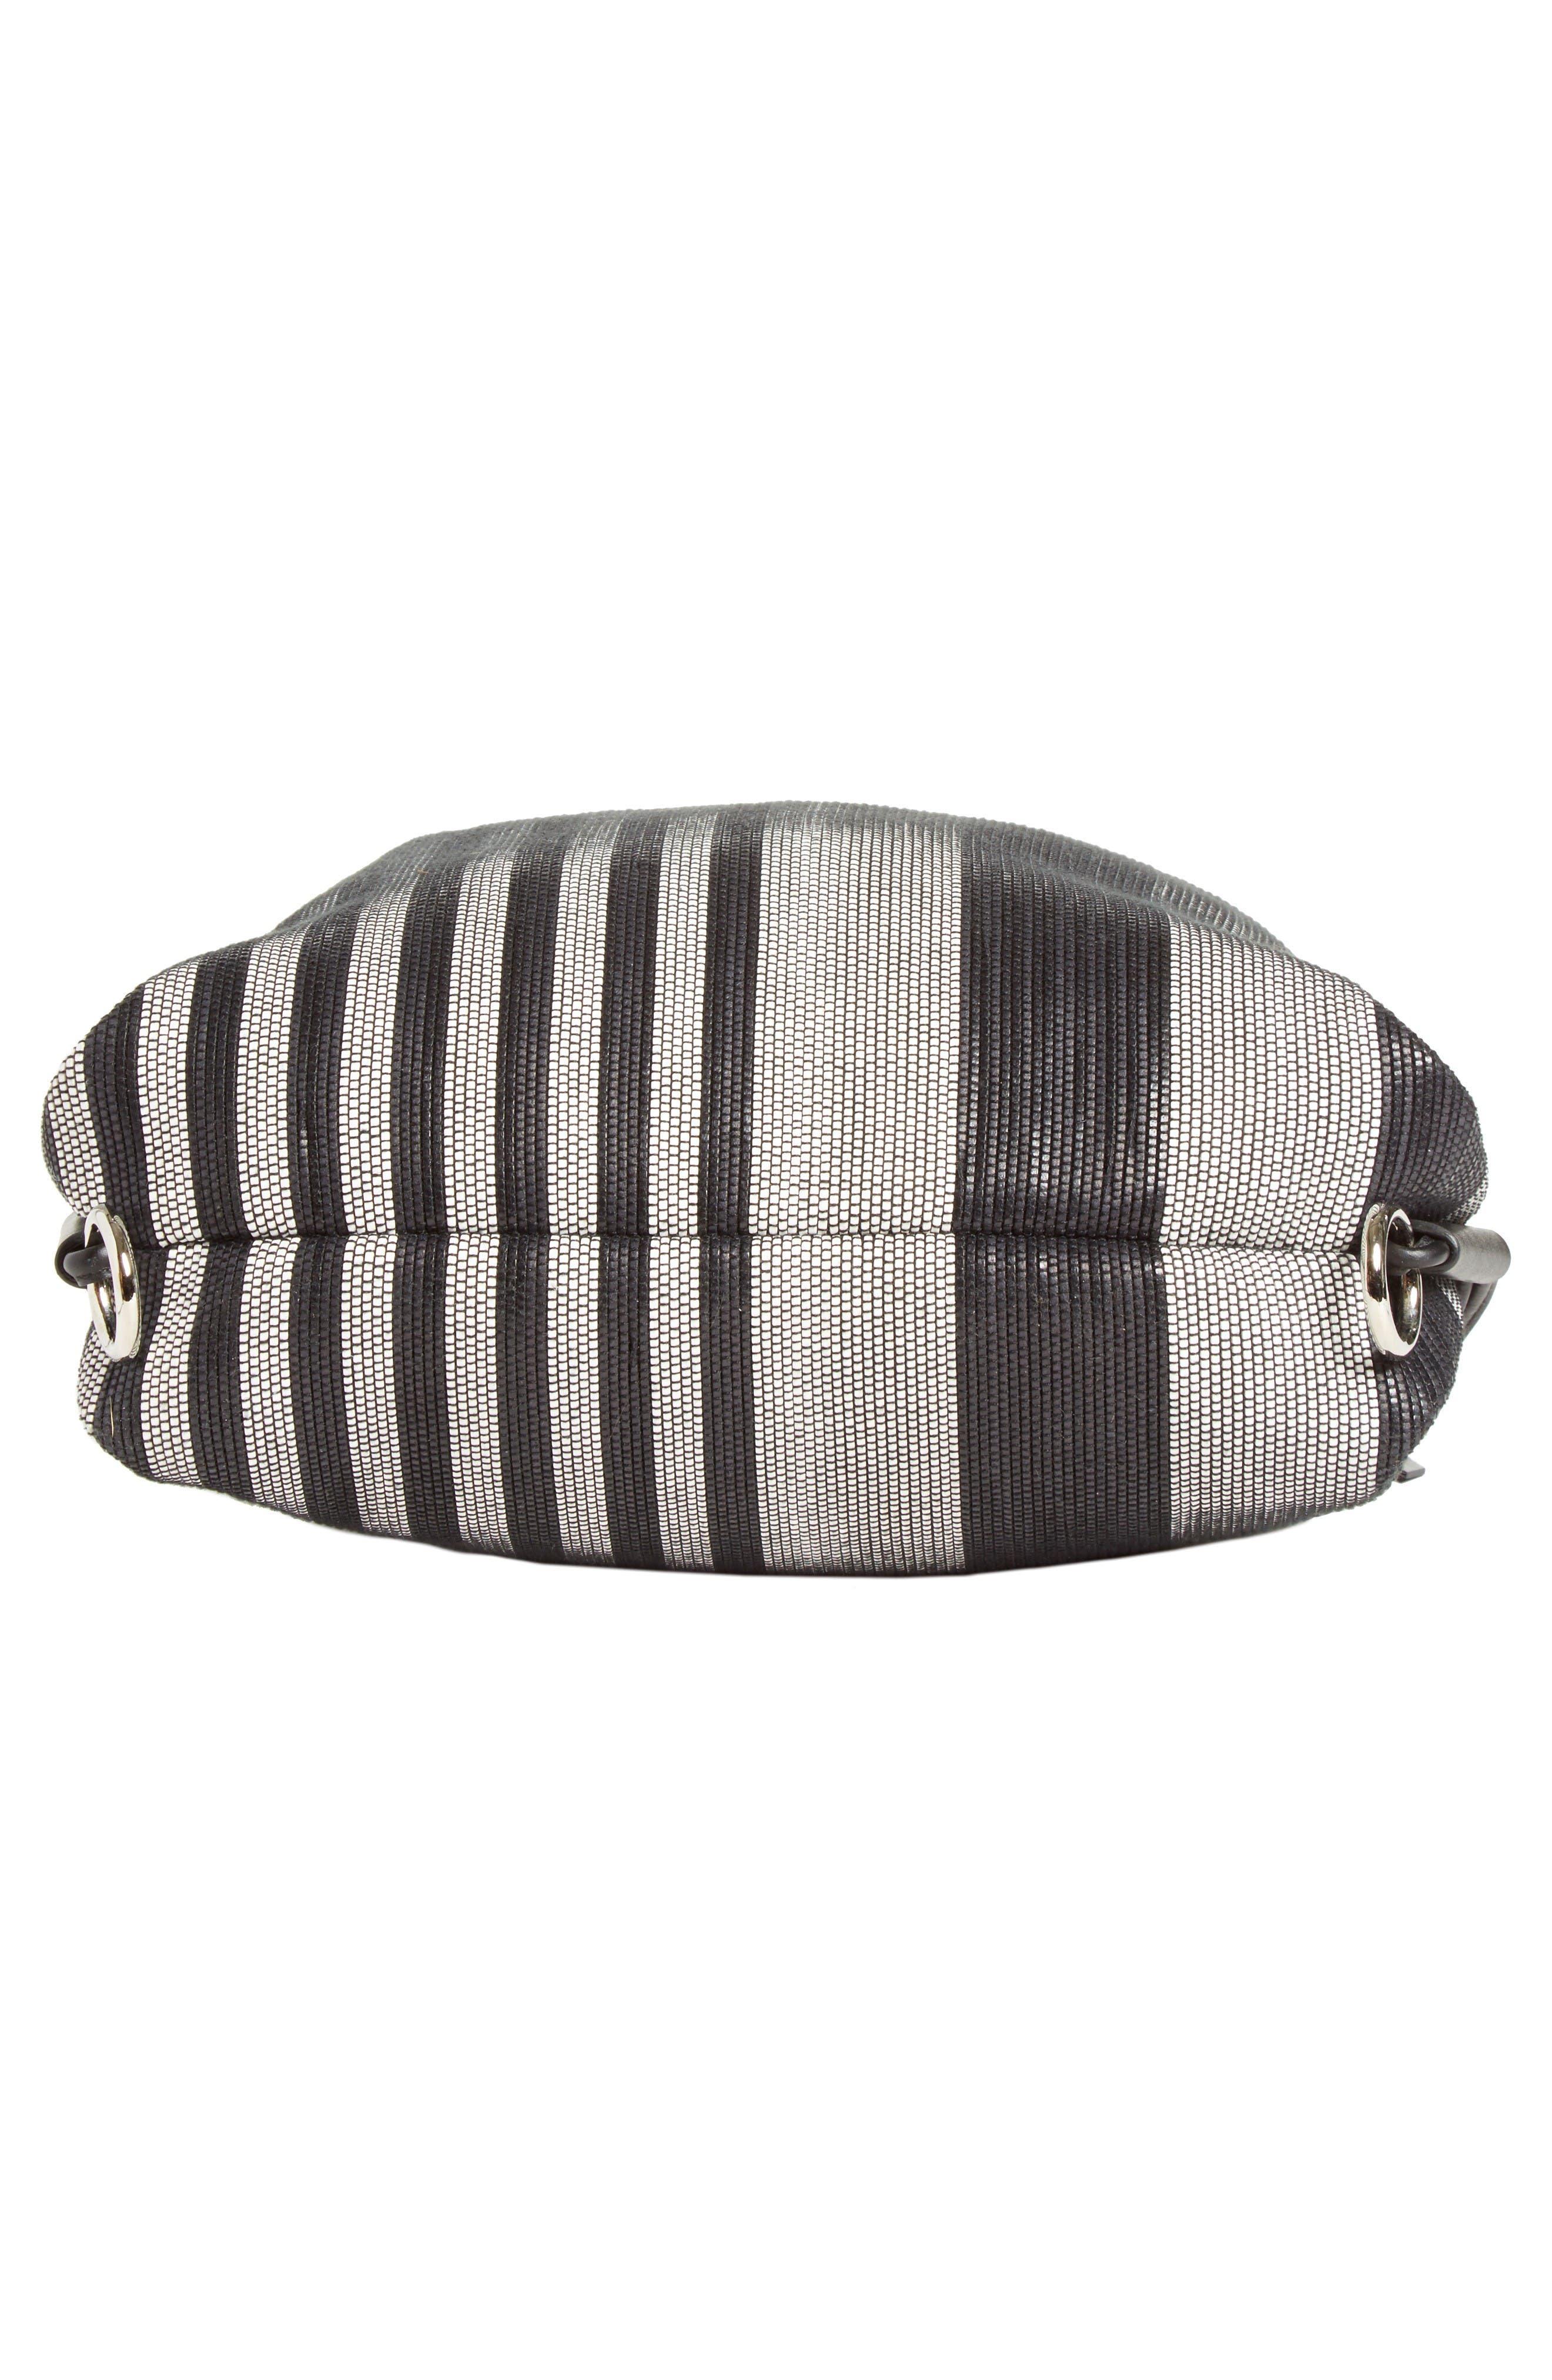 Drawstring Backpack,                             Alternate thumbnail 5, color,                             Black/White